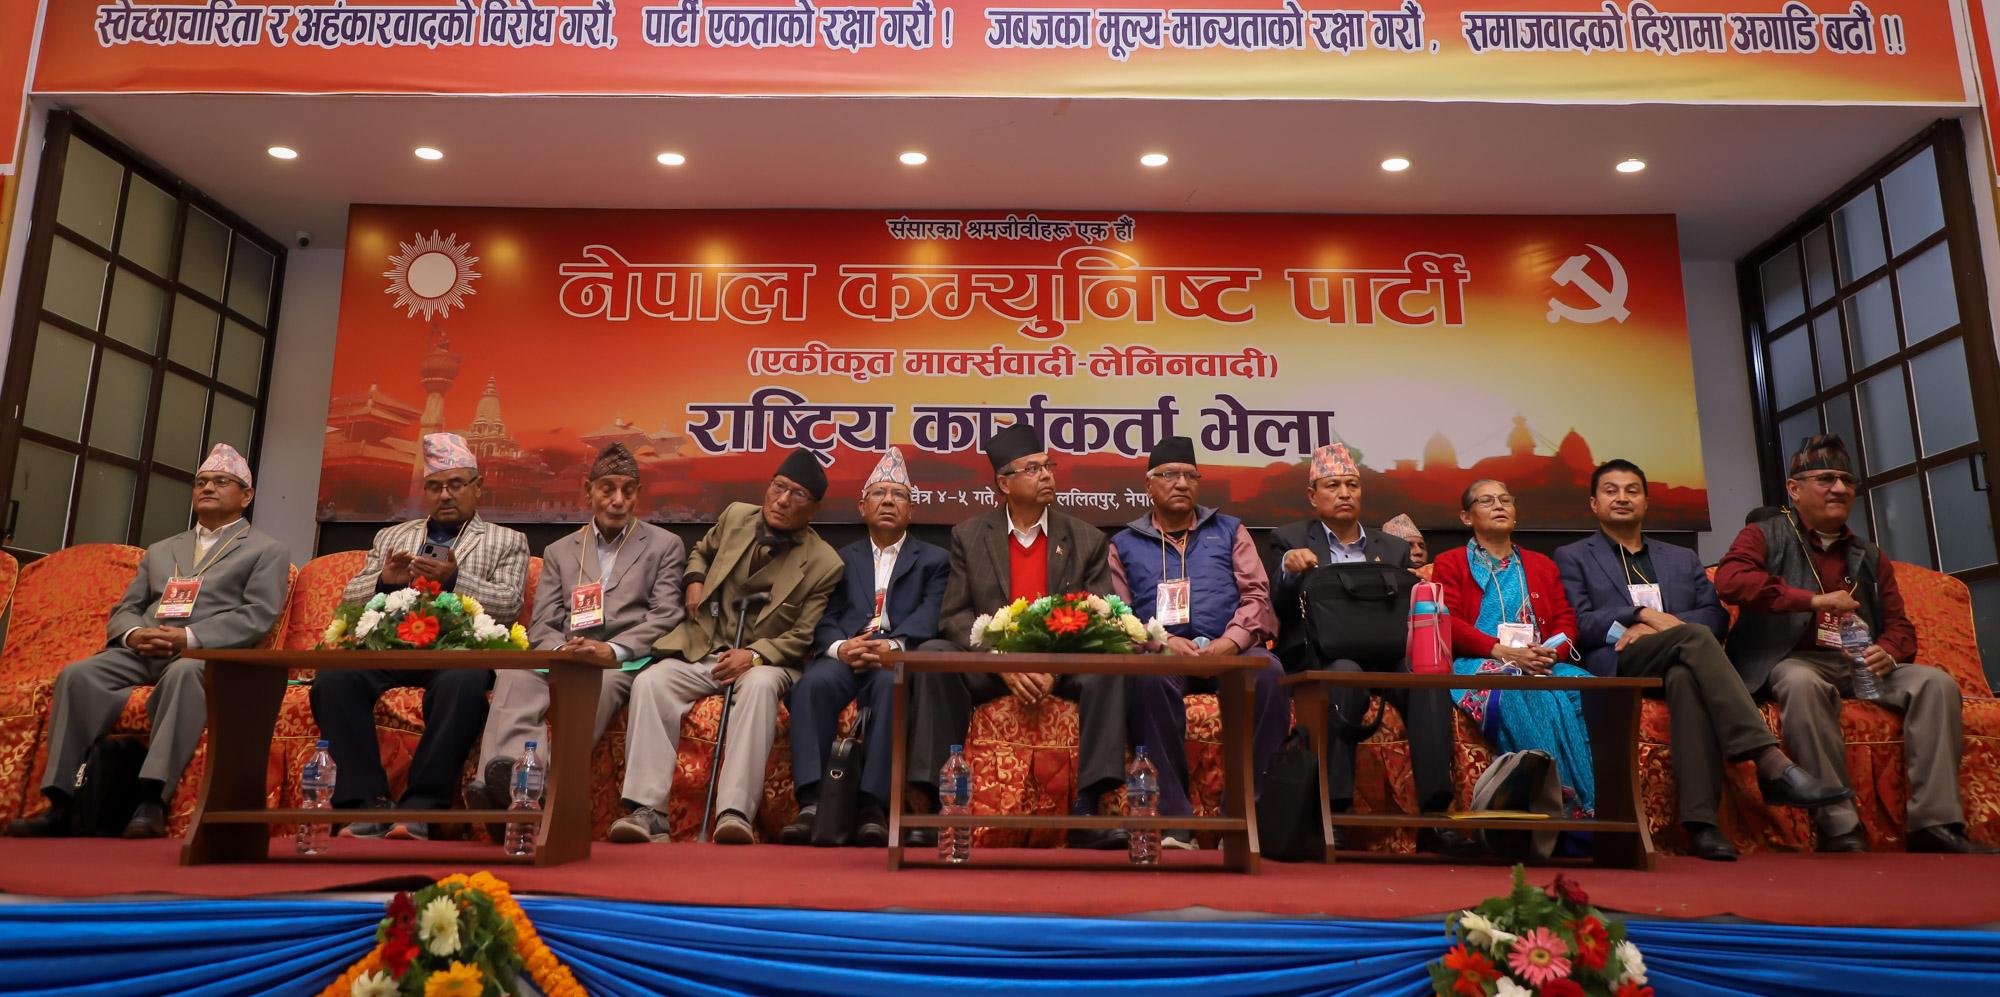 नेपाल पक्षको कार्यकर्ता भेलामा मोहनचन्द्रदेखि राधाकृष्णसम्म (तस्बिरहरू)